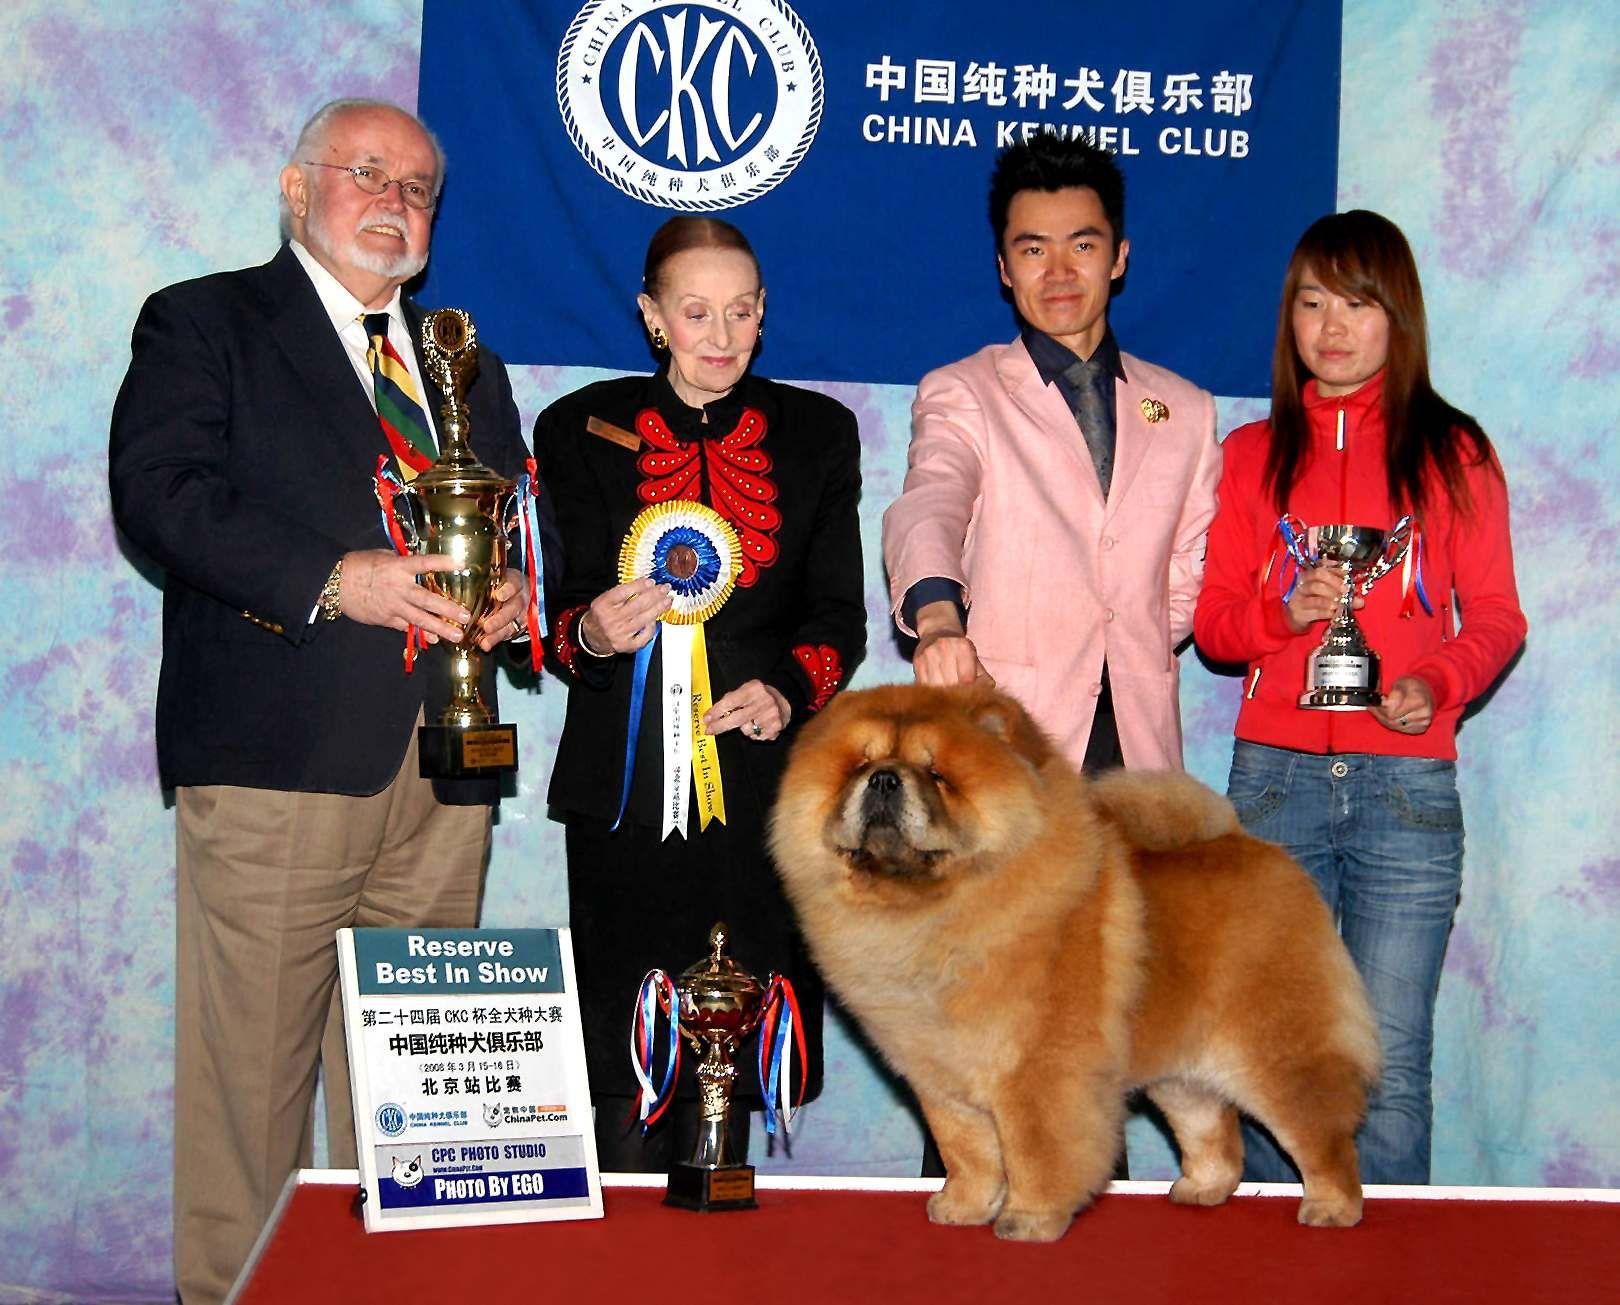 松狮犬高清图片小现金FIRST CASH获北京CKC全犬种比赛全场总冠军